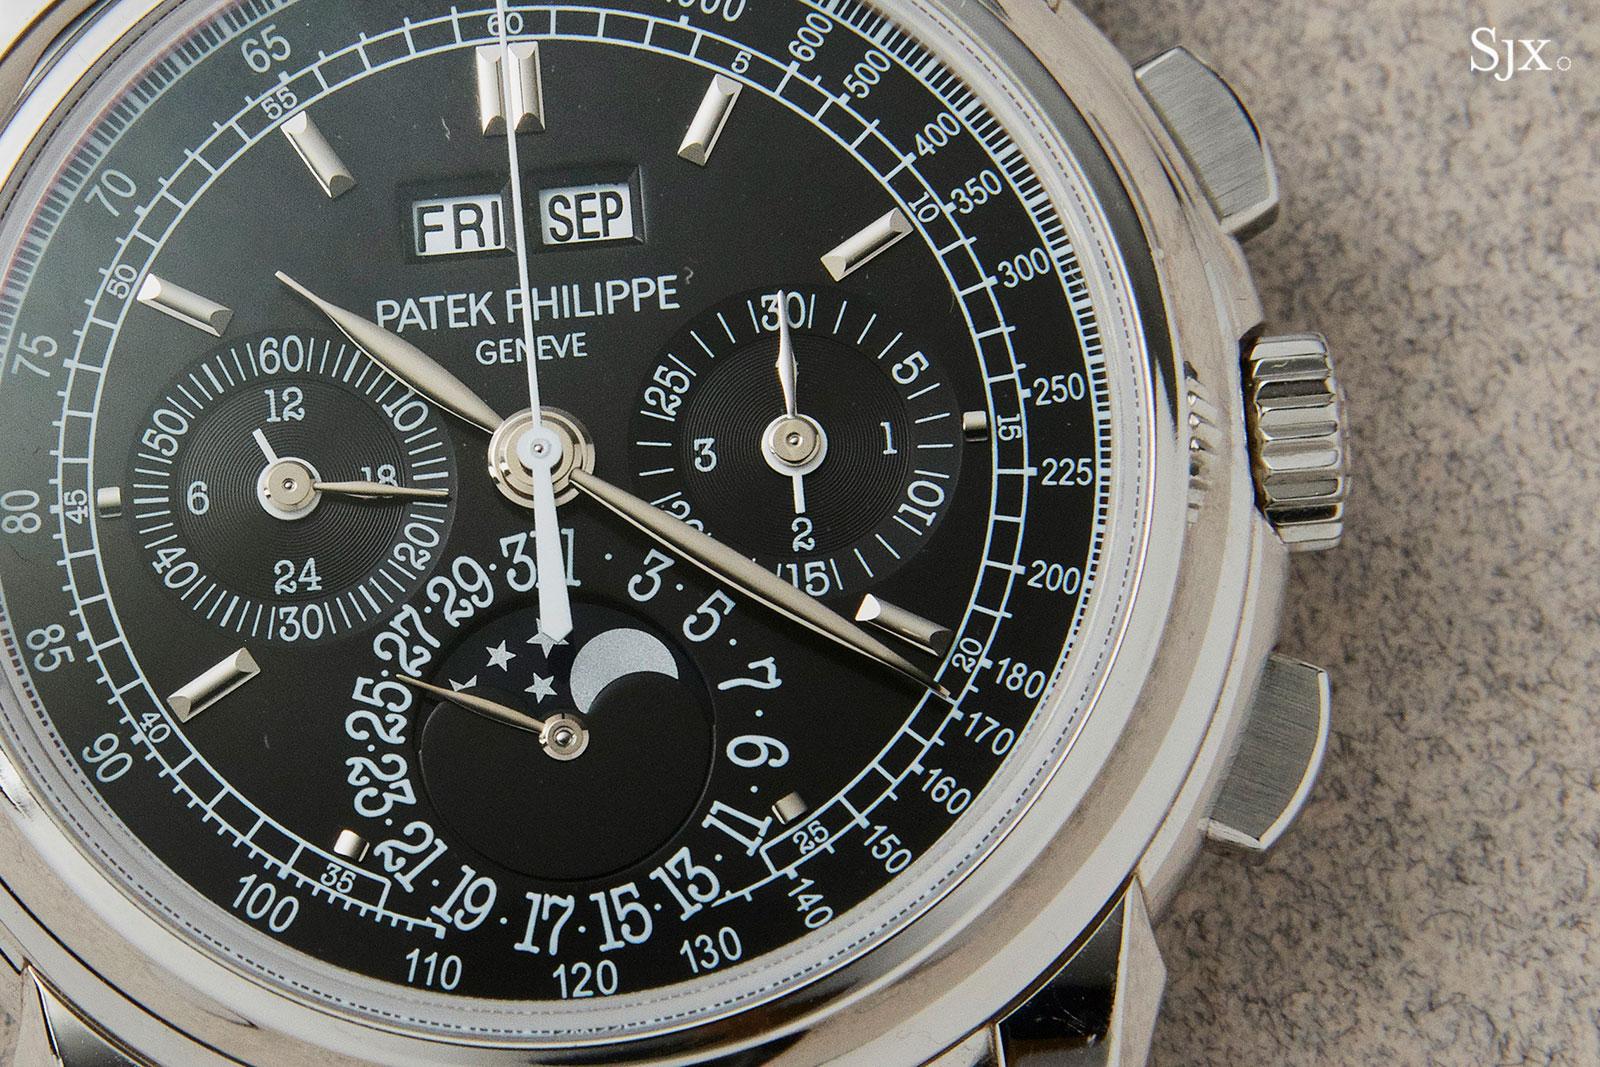 Patek 5970P phillips HK 1